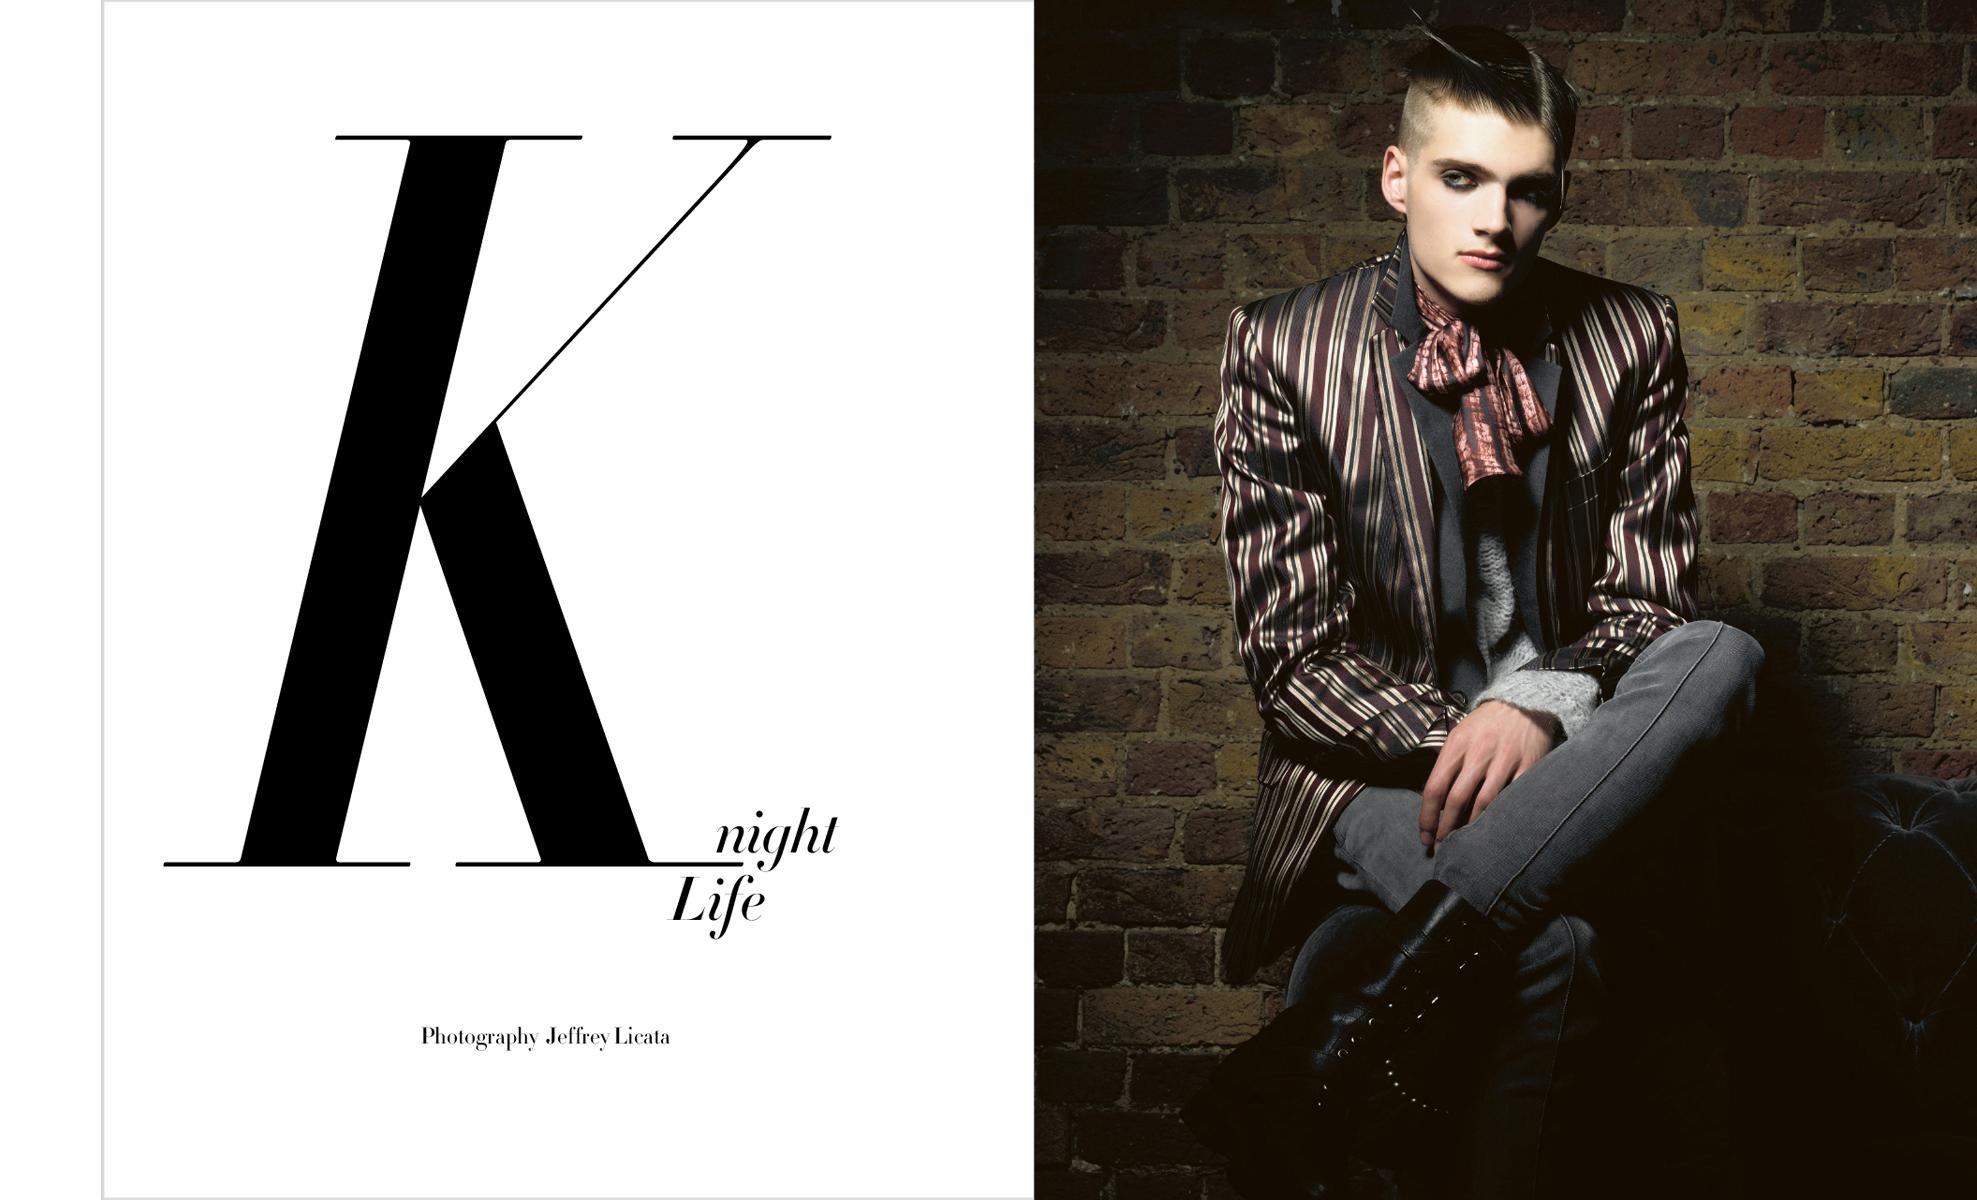 Knight-Life-Web-size